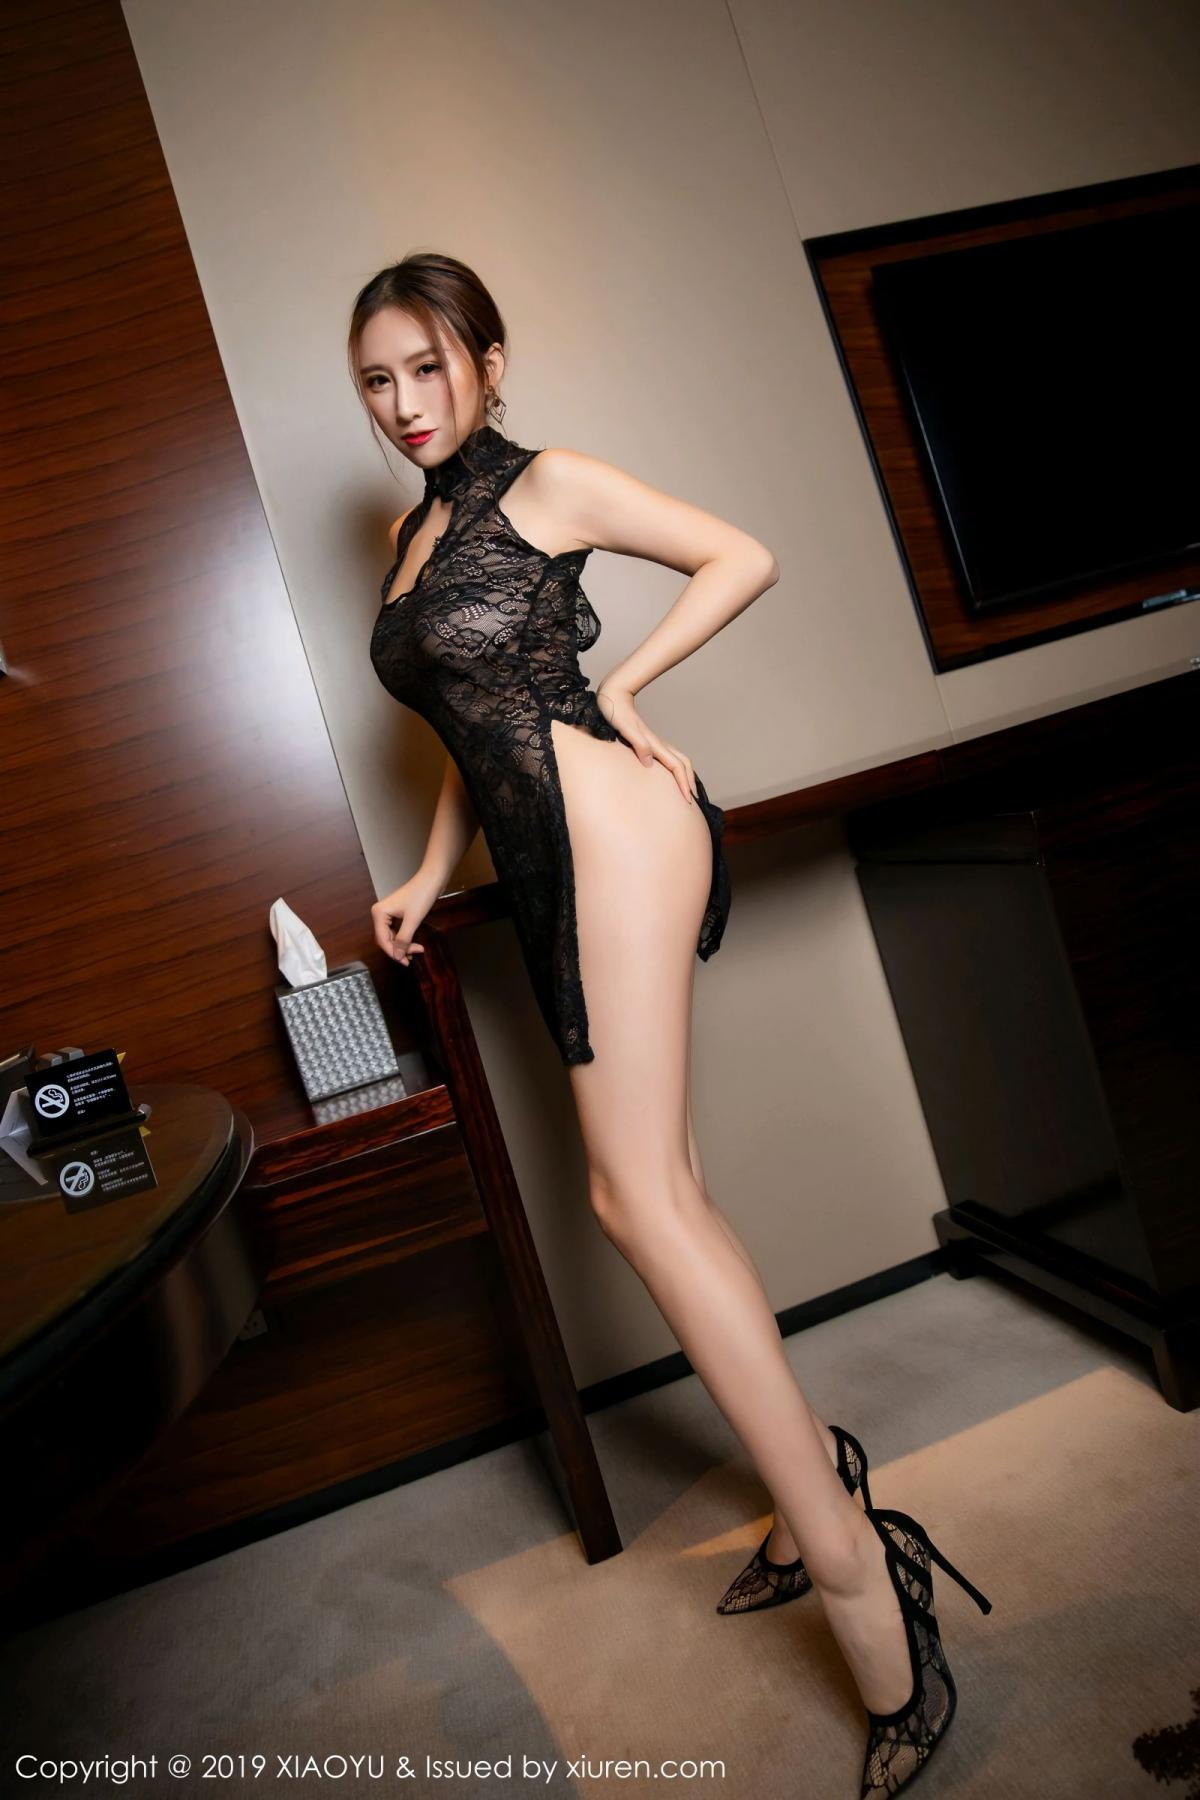 [XiaoYu] Vol.108 Yue Yin Tong 8P, Underwear, XiaoYu, Yue Yin Tong